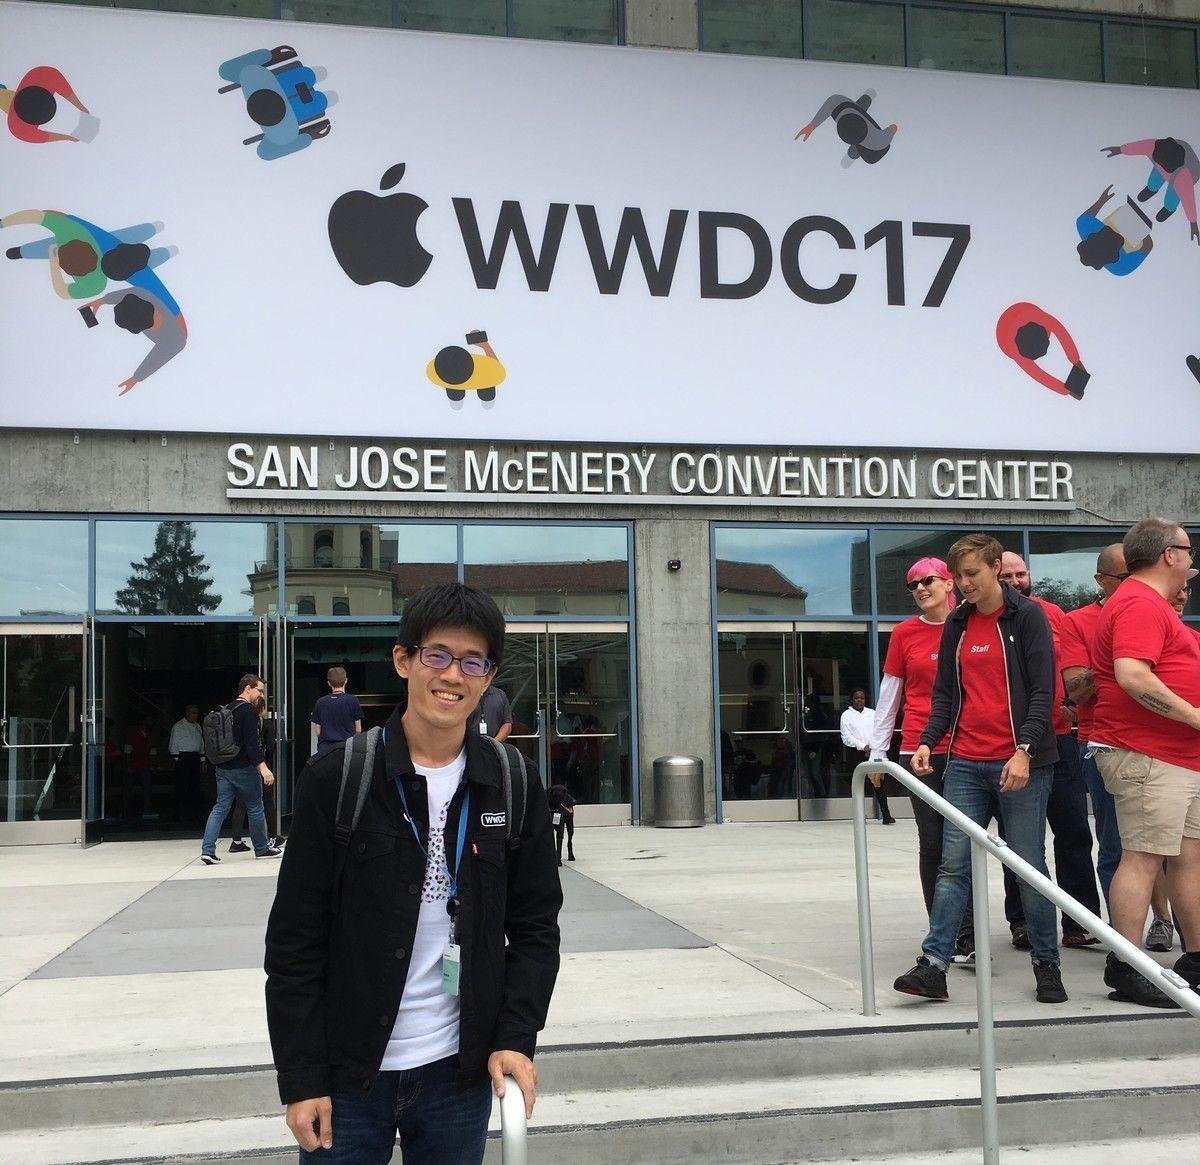 WWDCC17に参加した時のid:ikesyo